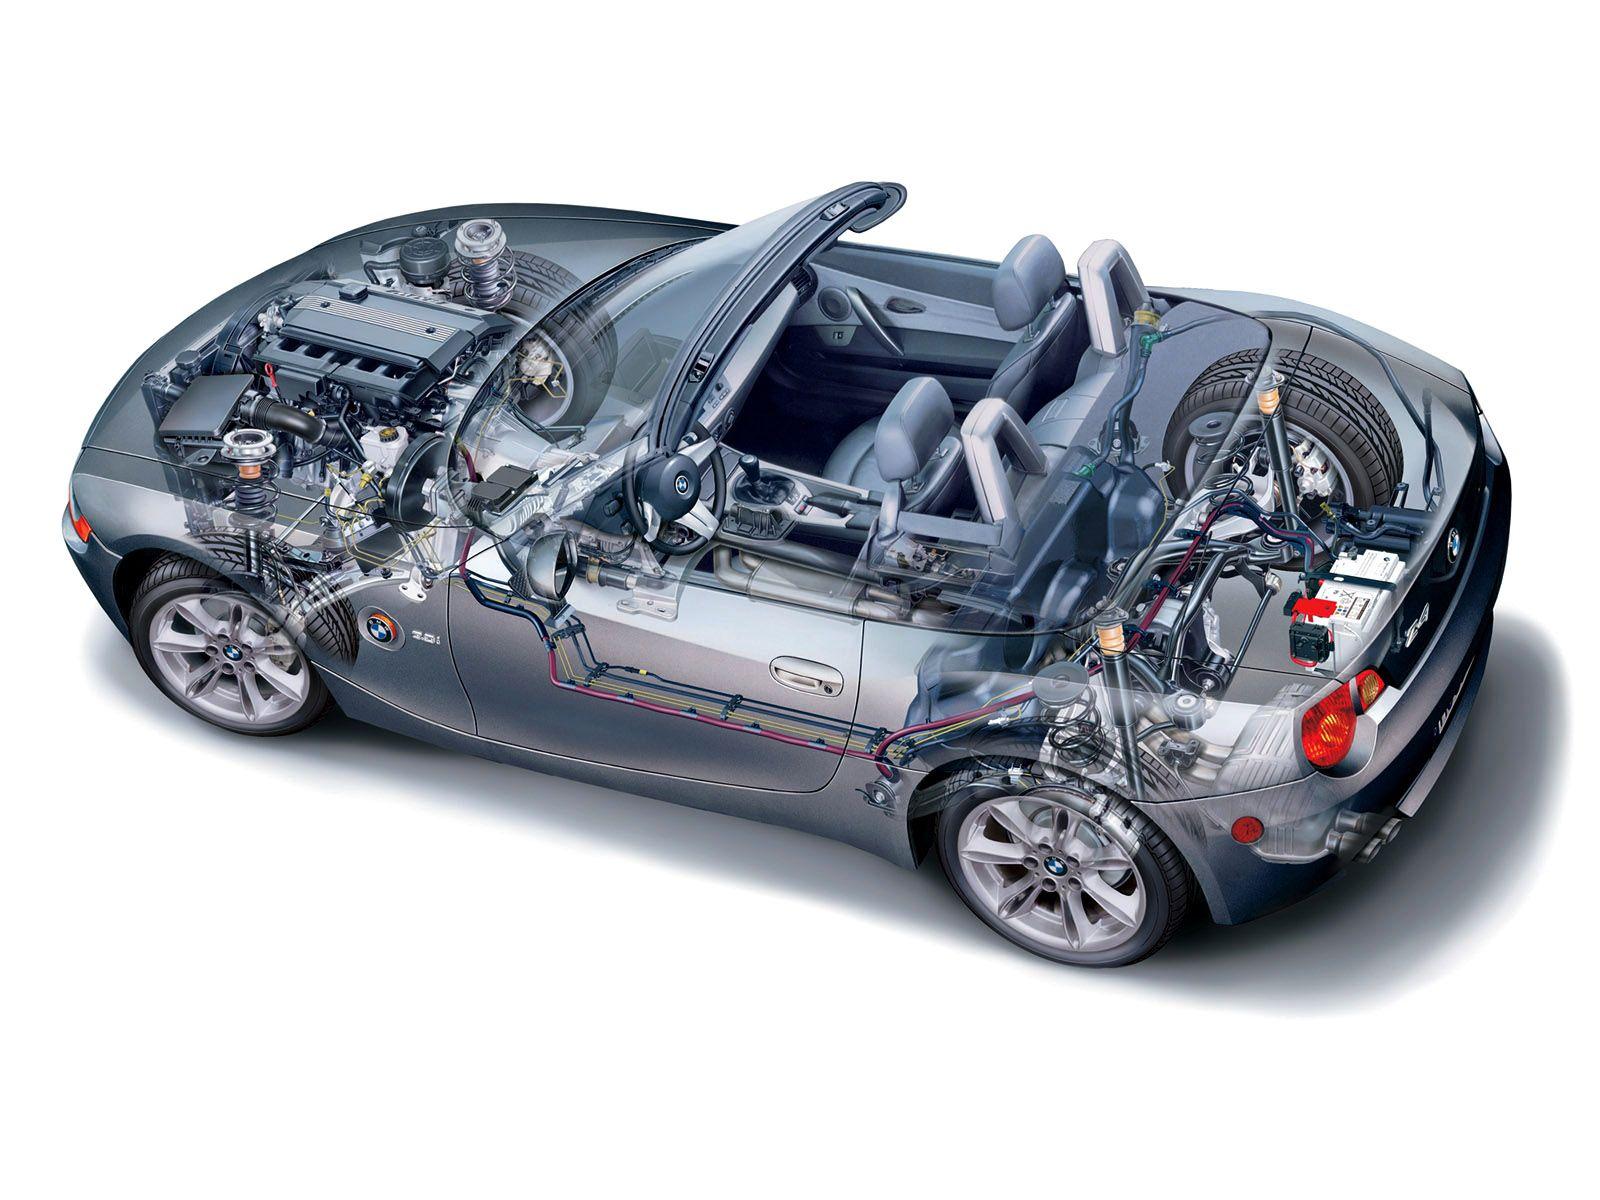 Z4 Cutaway BMW Bmw z4 roadster, Bmw z4, Bmw